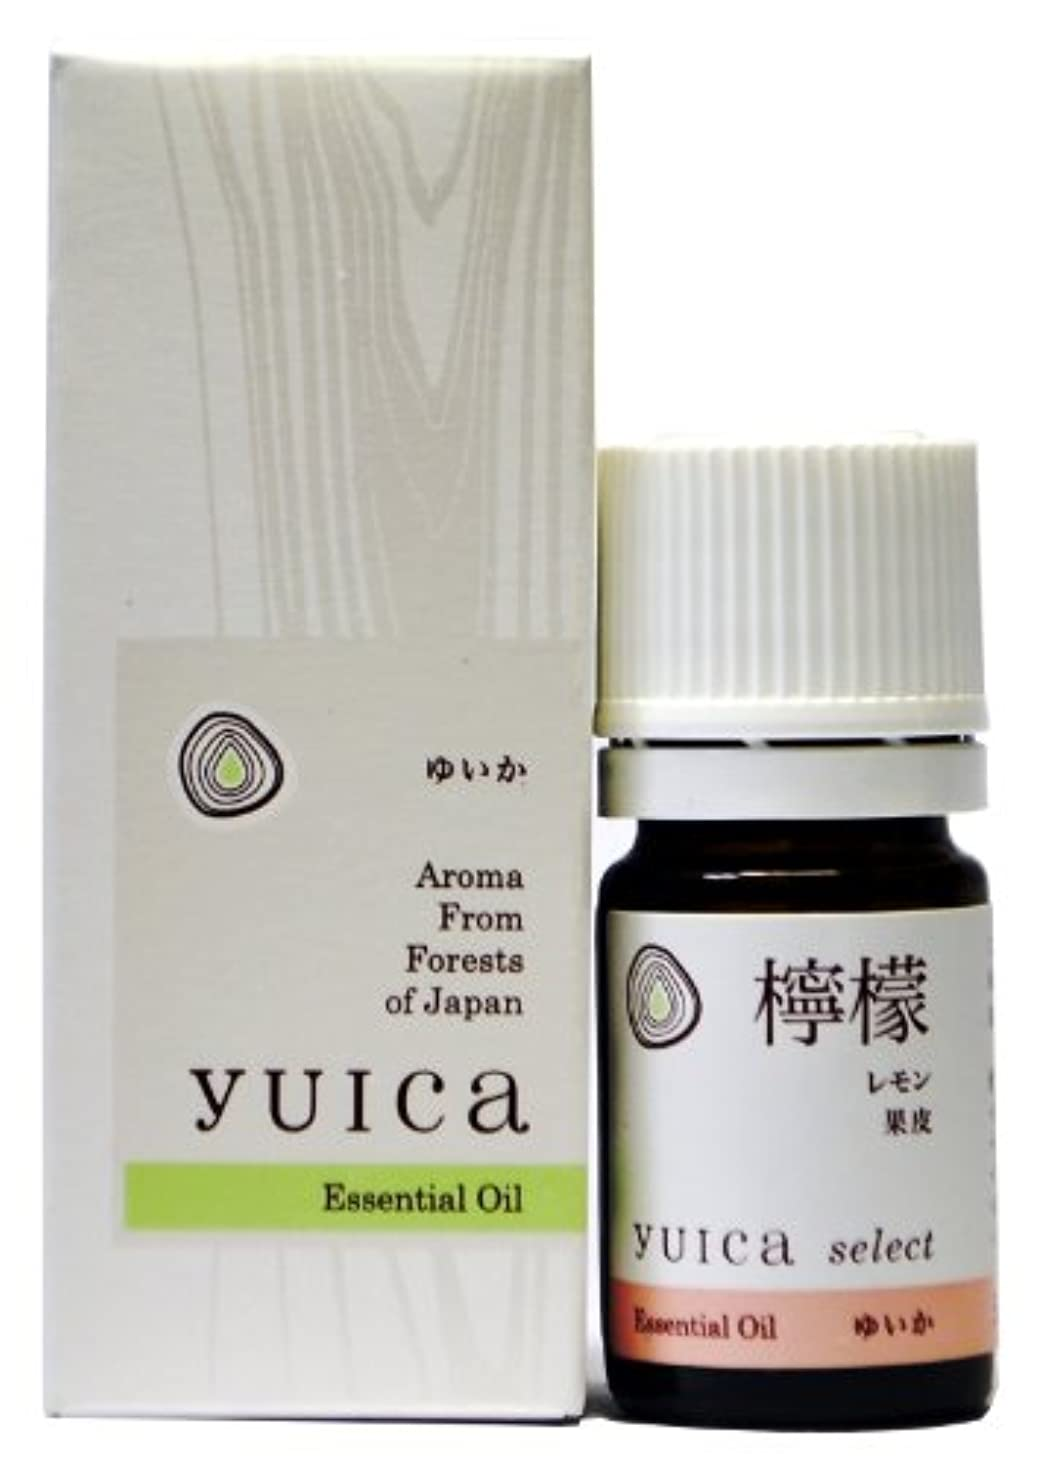 赤ちゃん飢愛情yuica select エッセンシャルオイル レモン(果皮部) 5mL